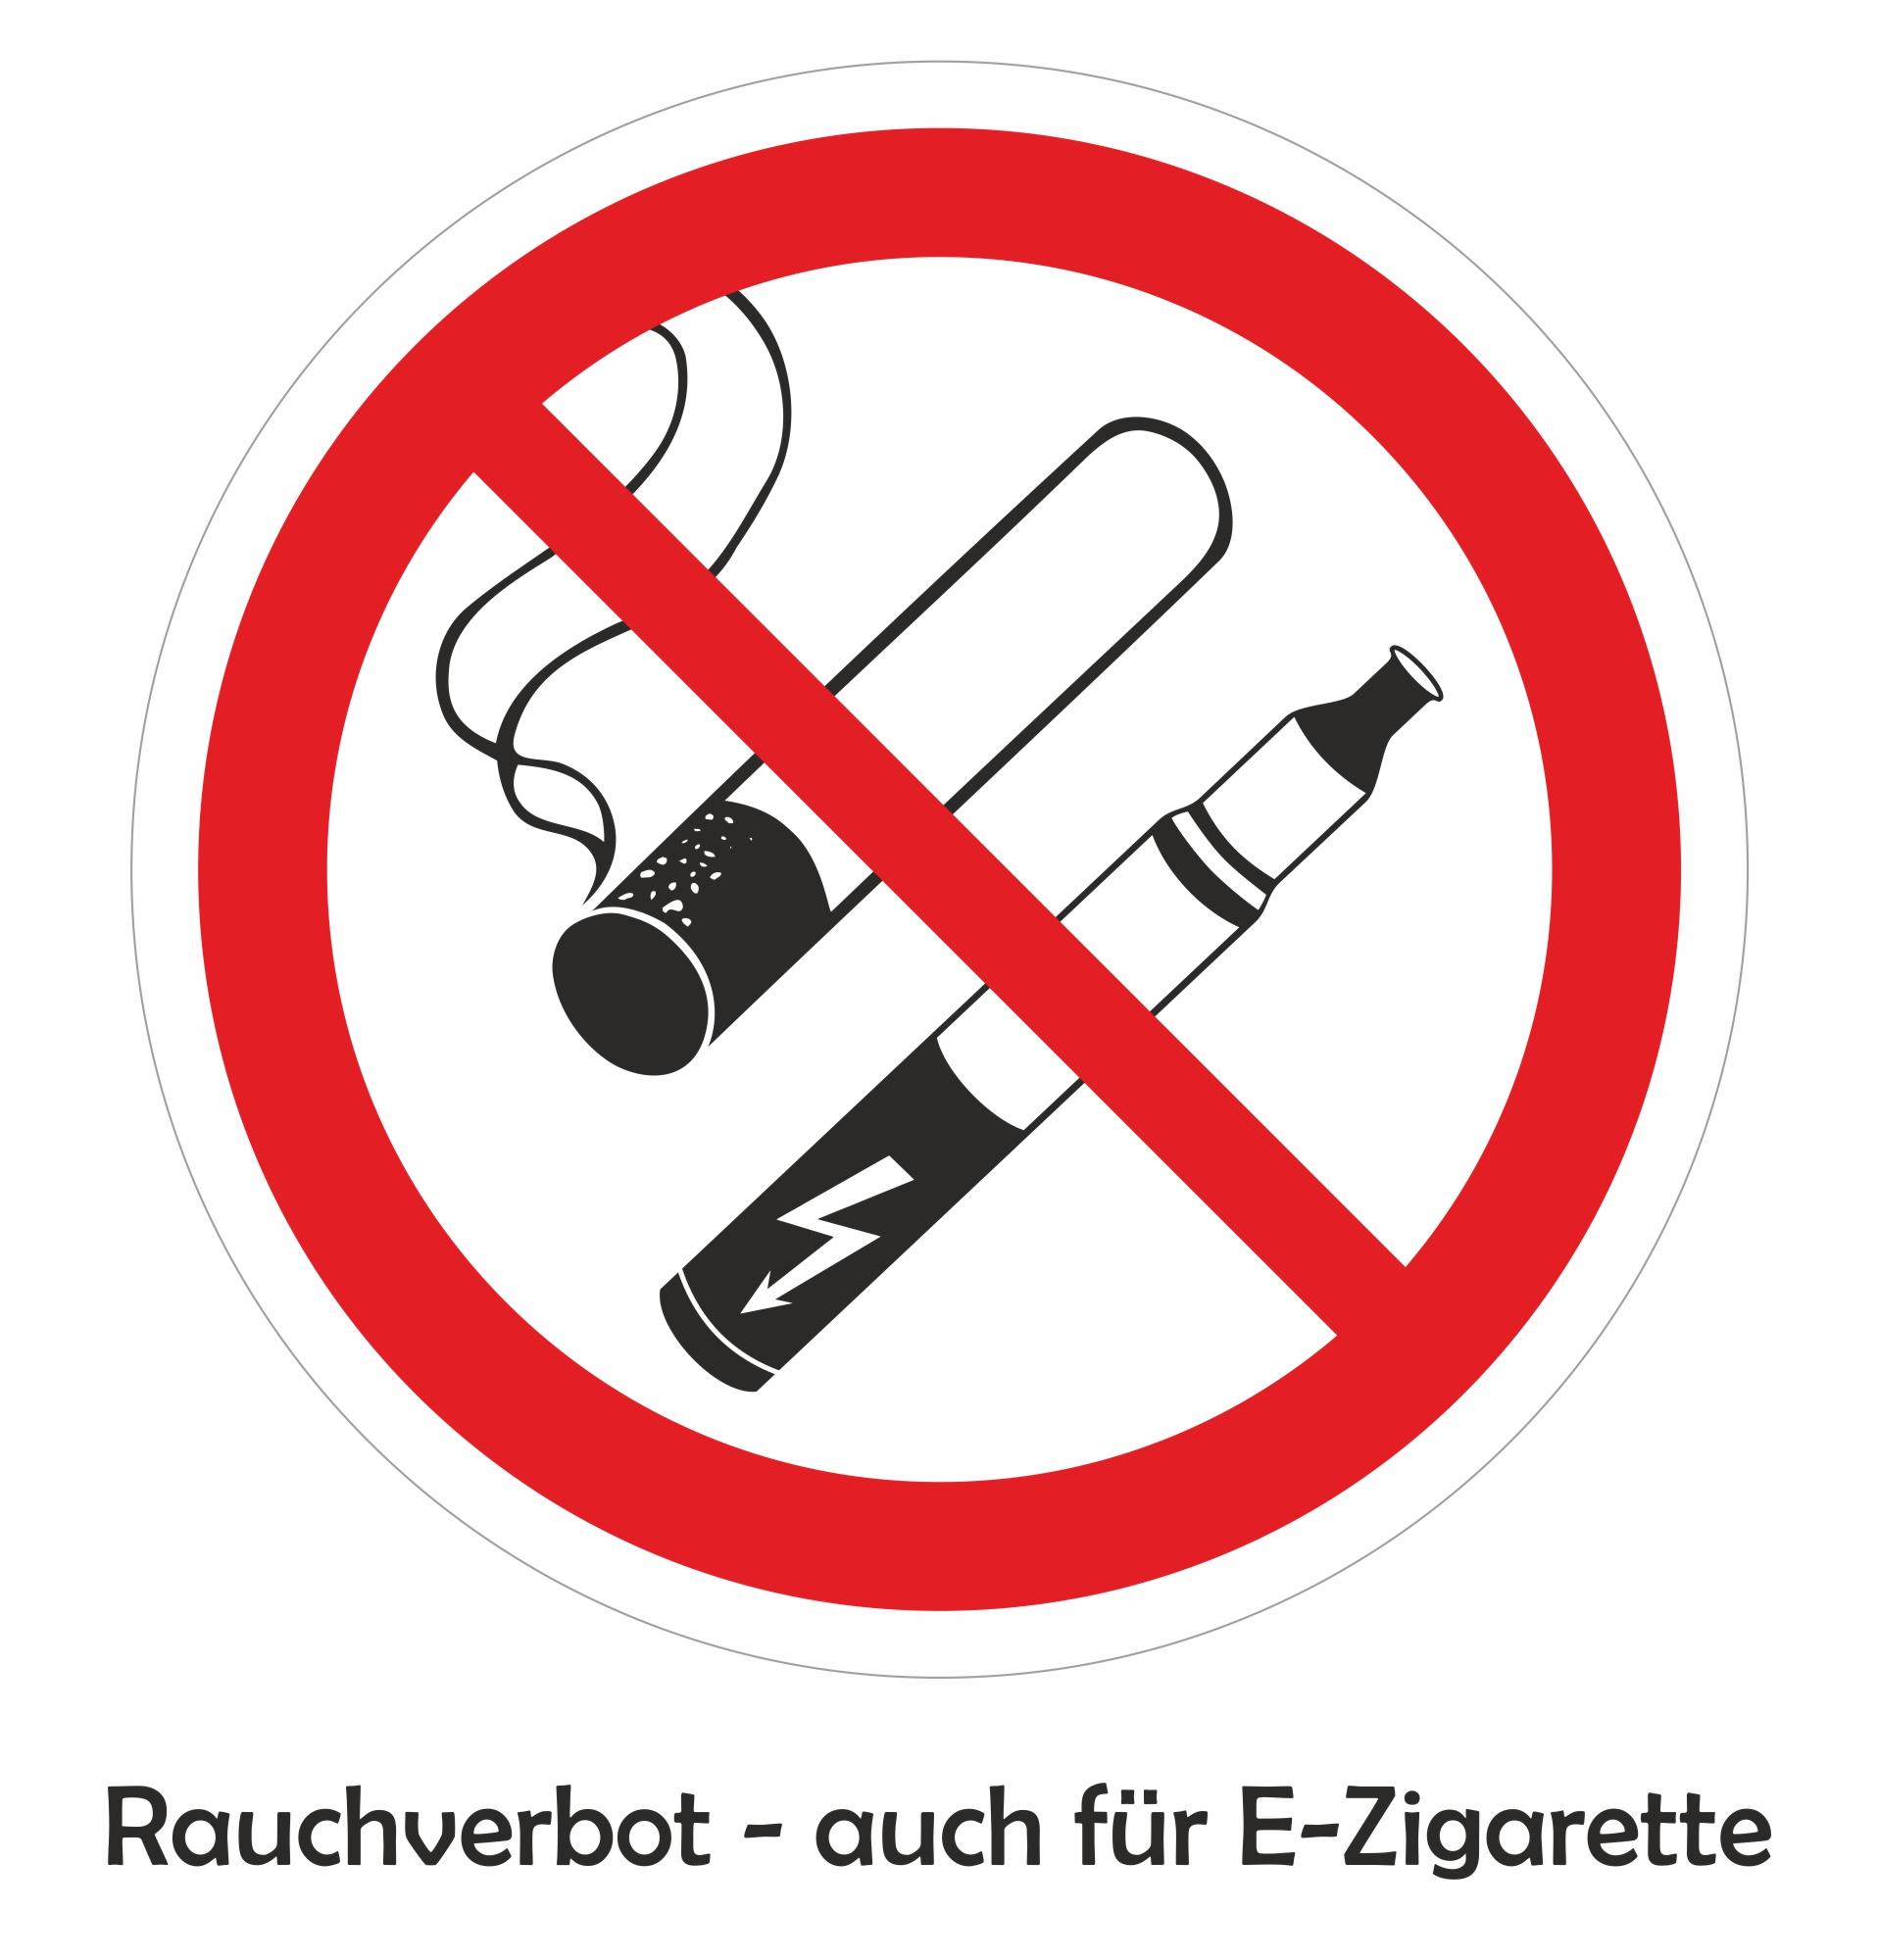 Aufkleber Rauchverbote - auch für E-Zigarette 90 x 70 mm  – Bild 1